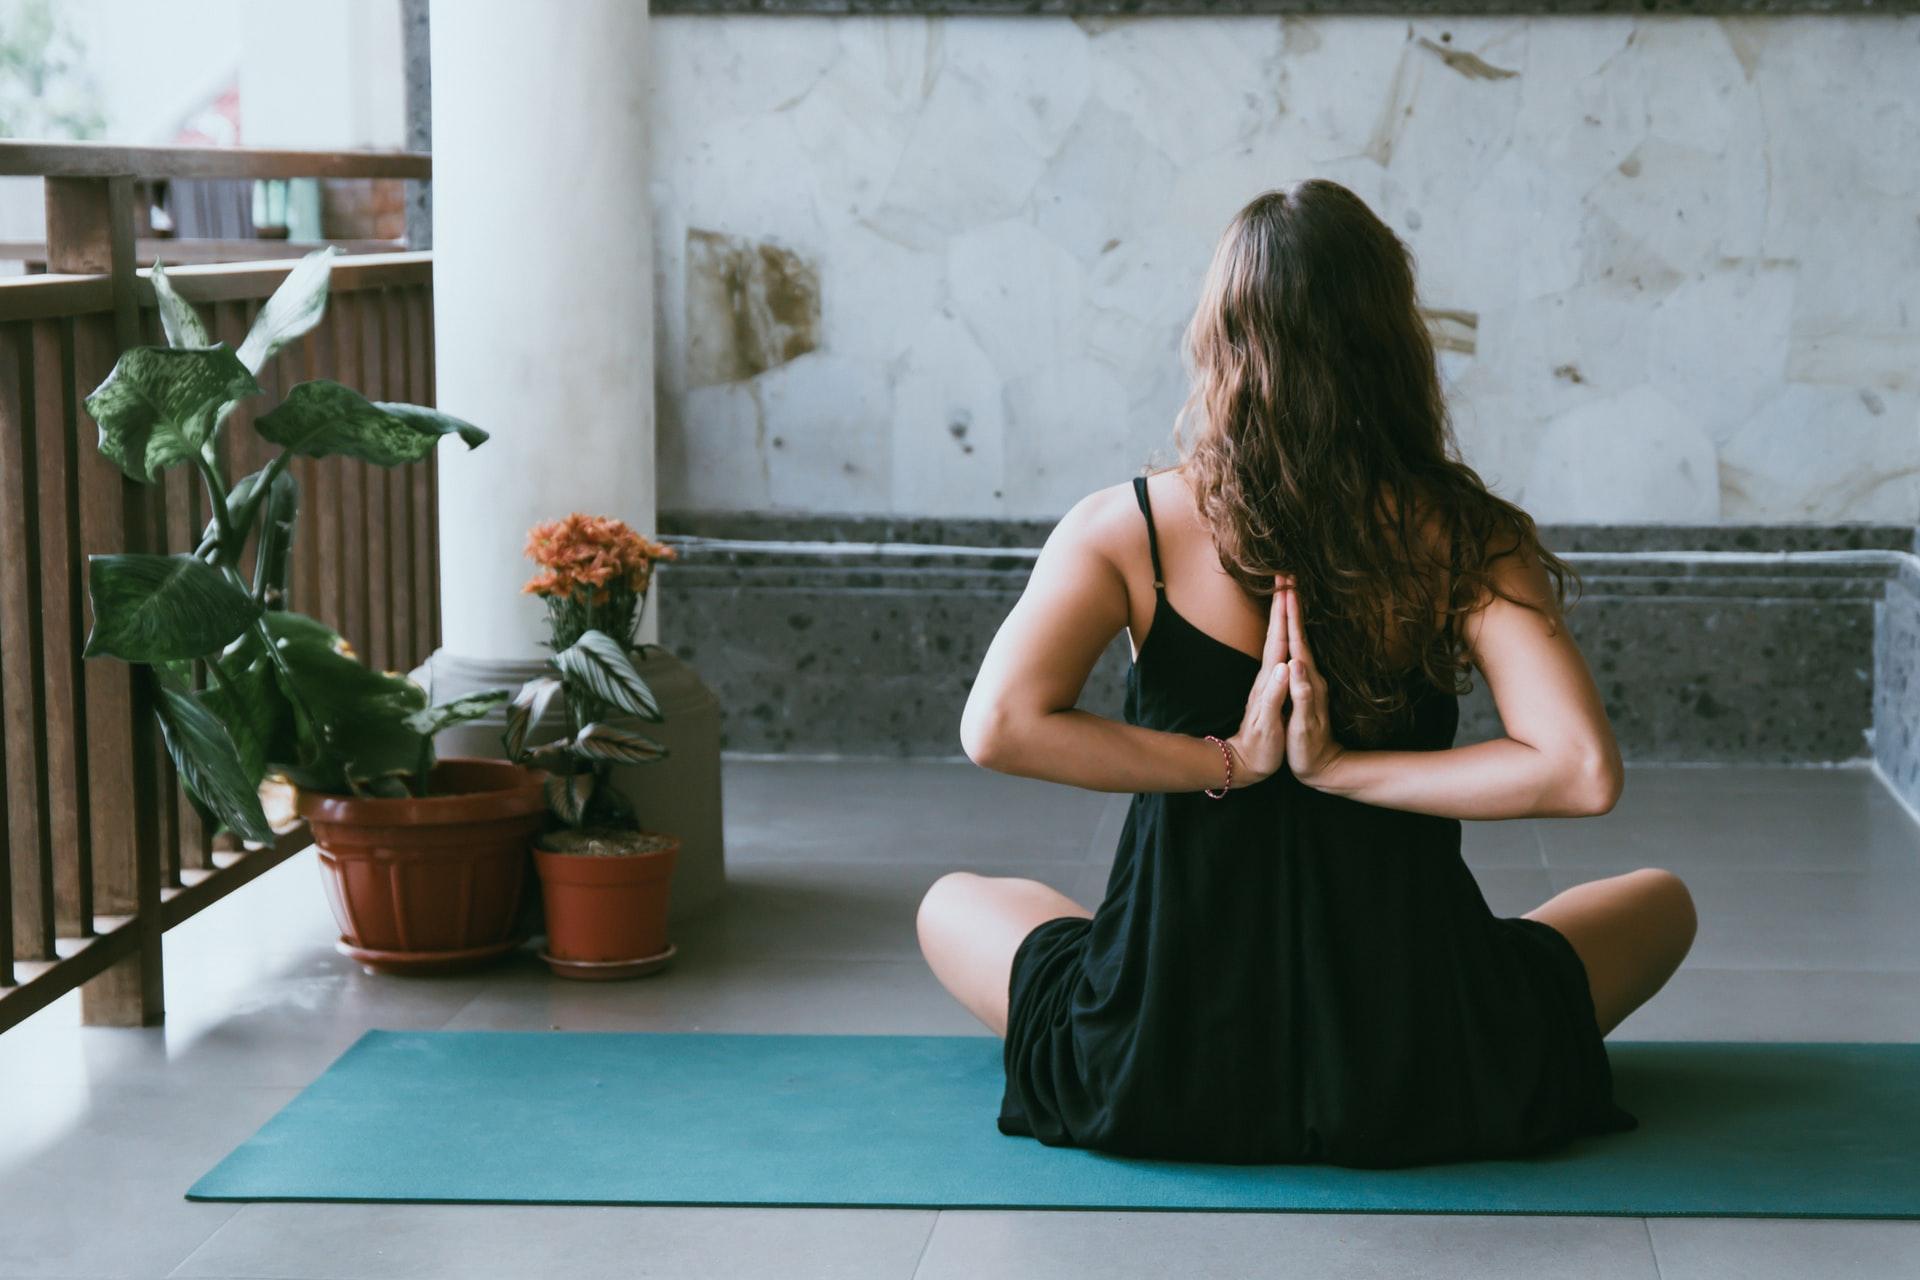 5 Amazing Benefits Of Doing Yoga